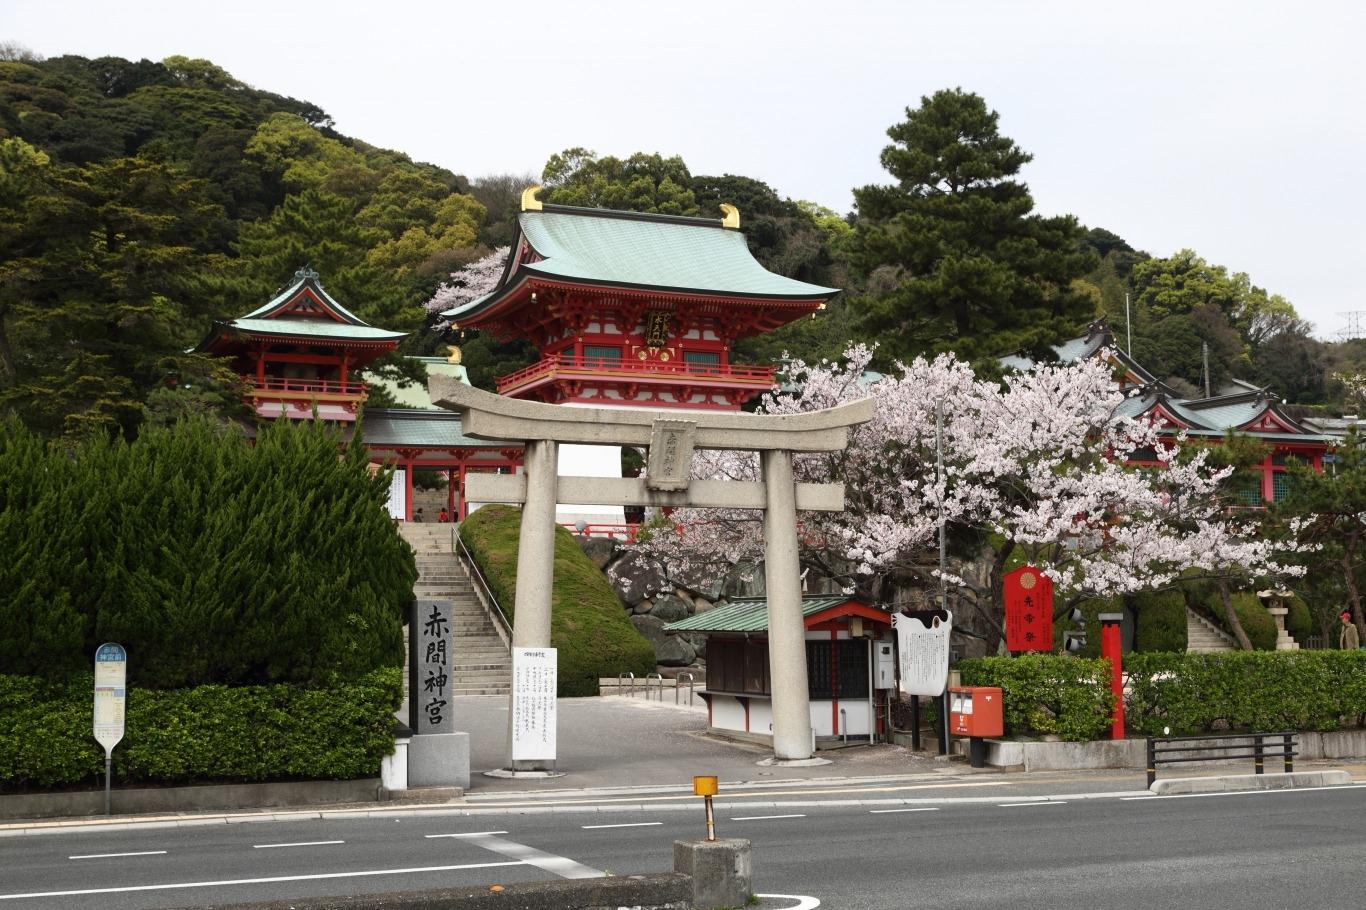 3. Akama Shrine